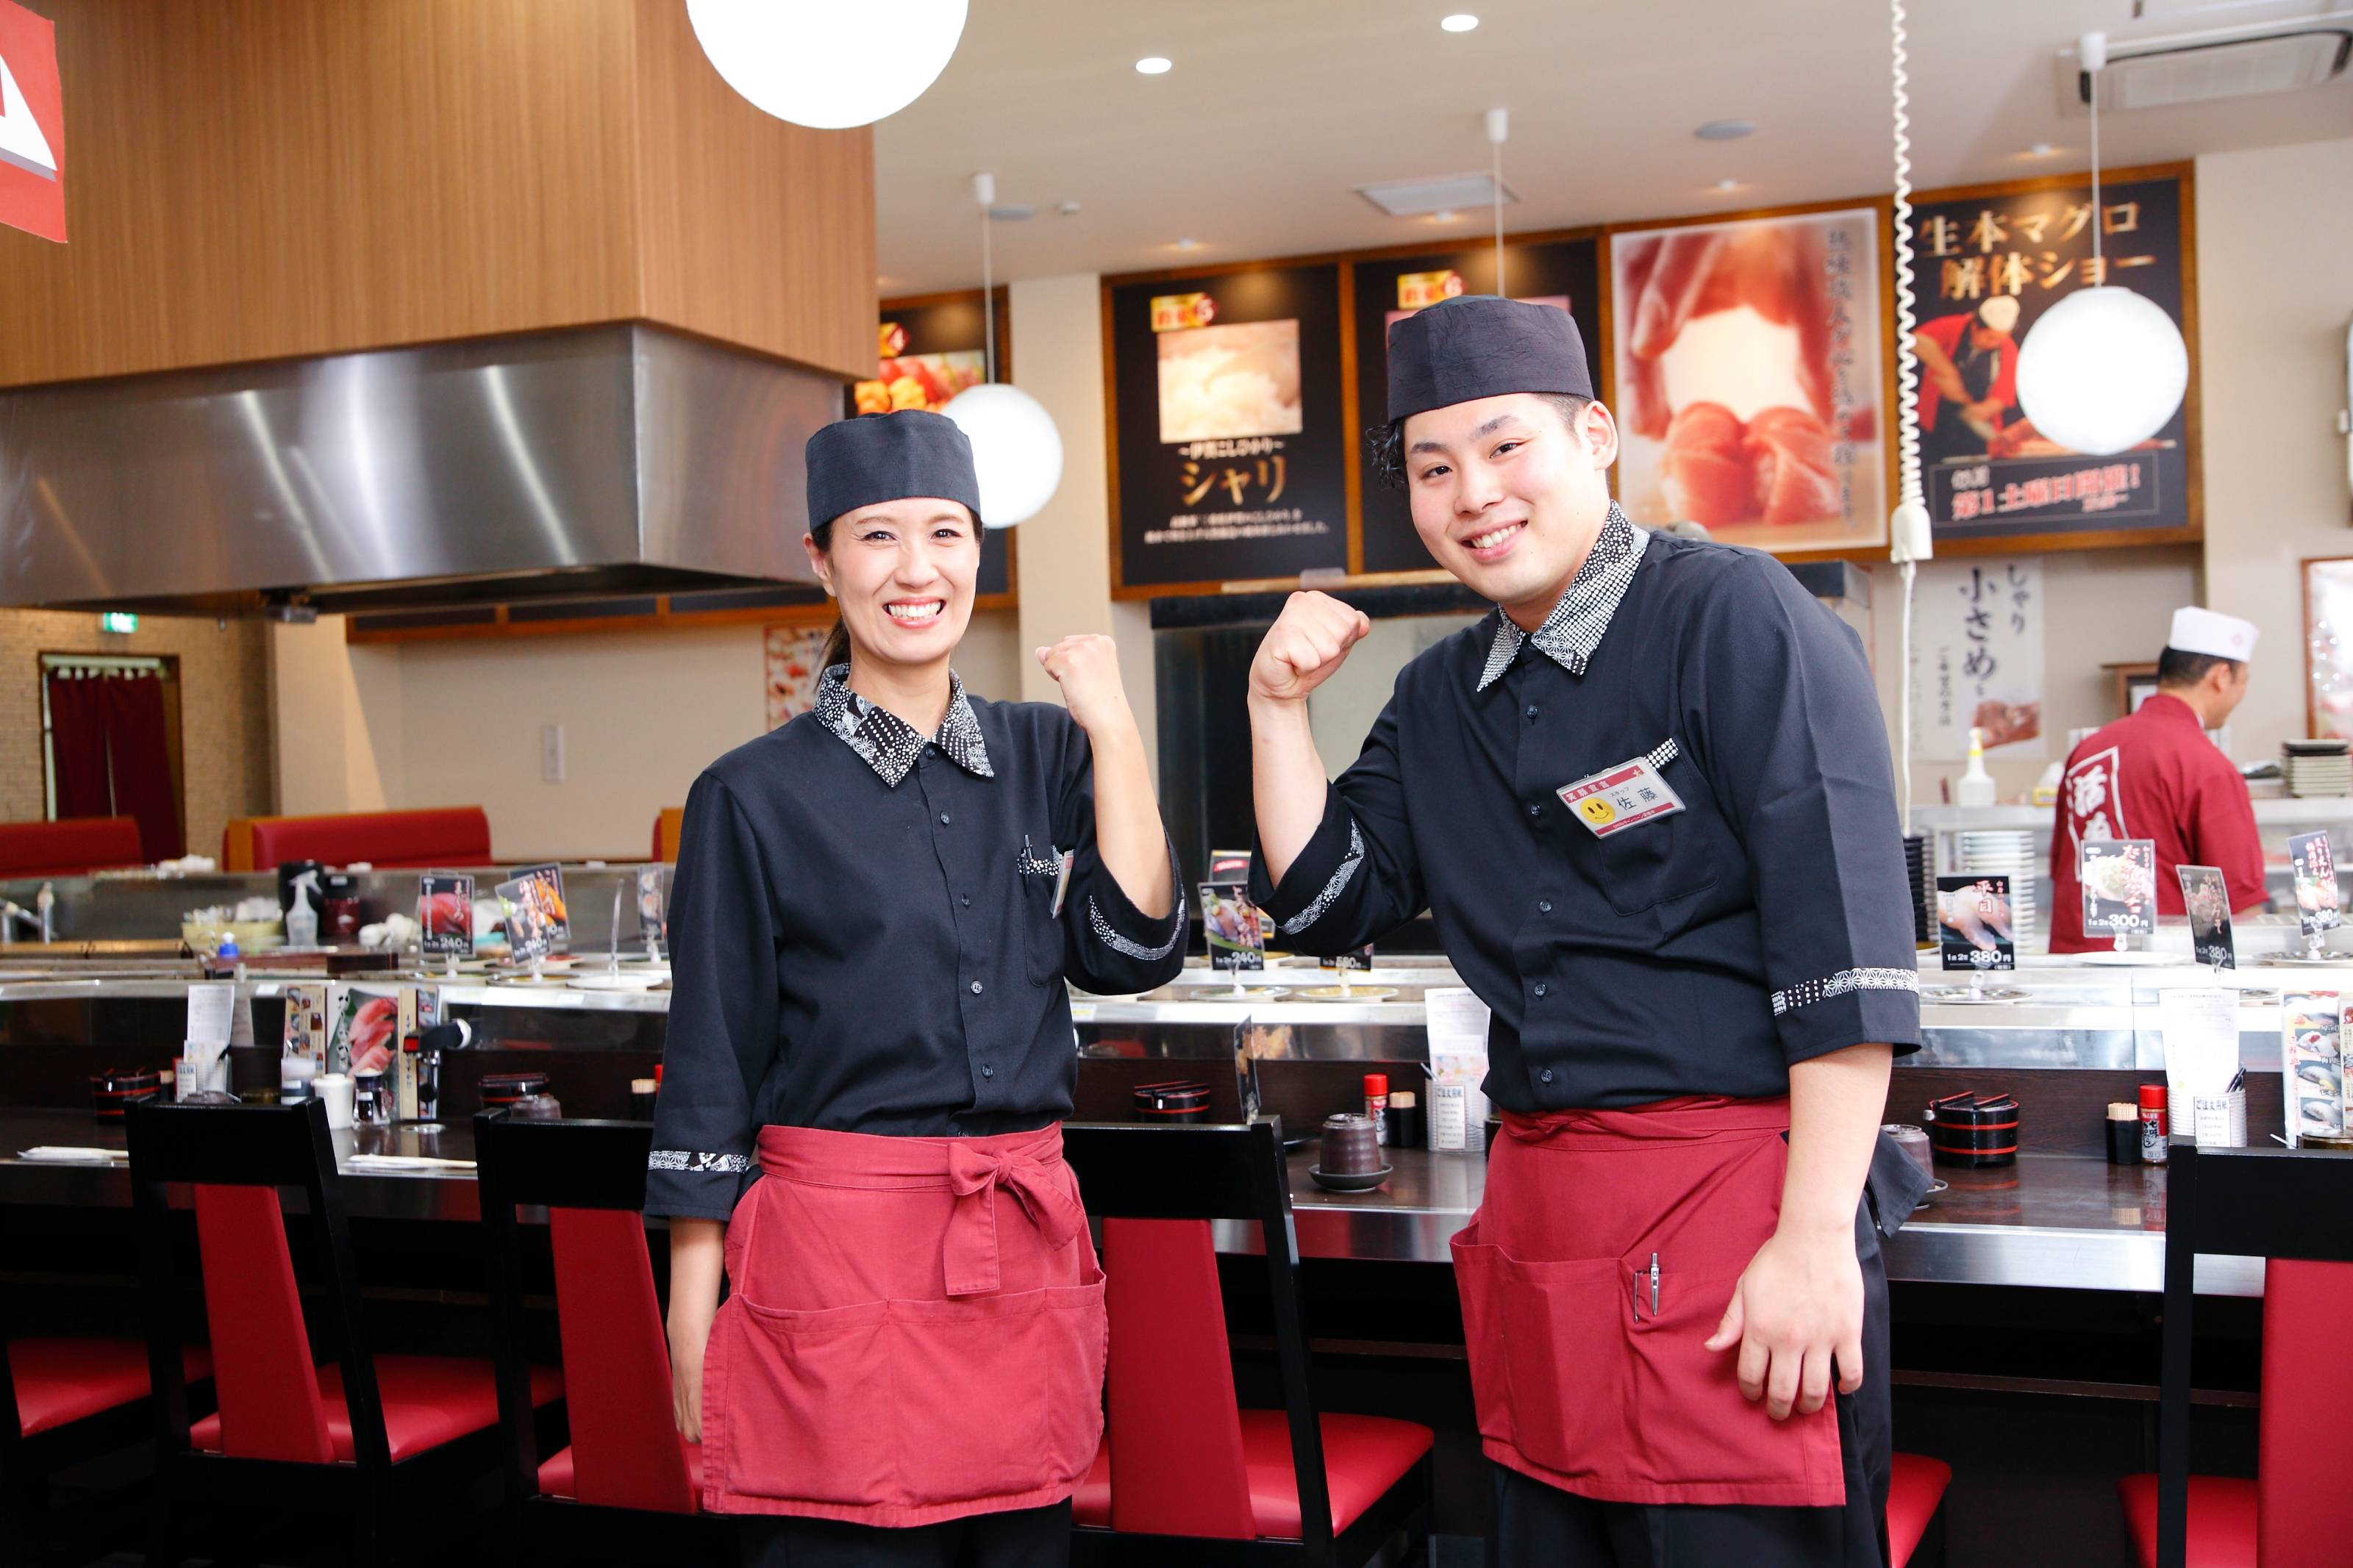 回転寿司ととぎん 都島店